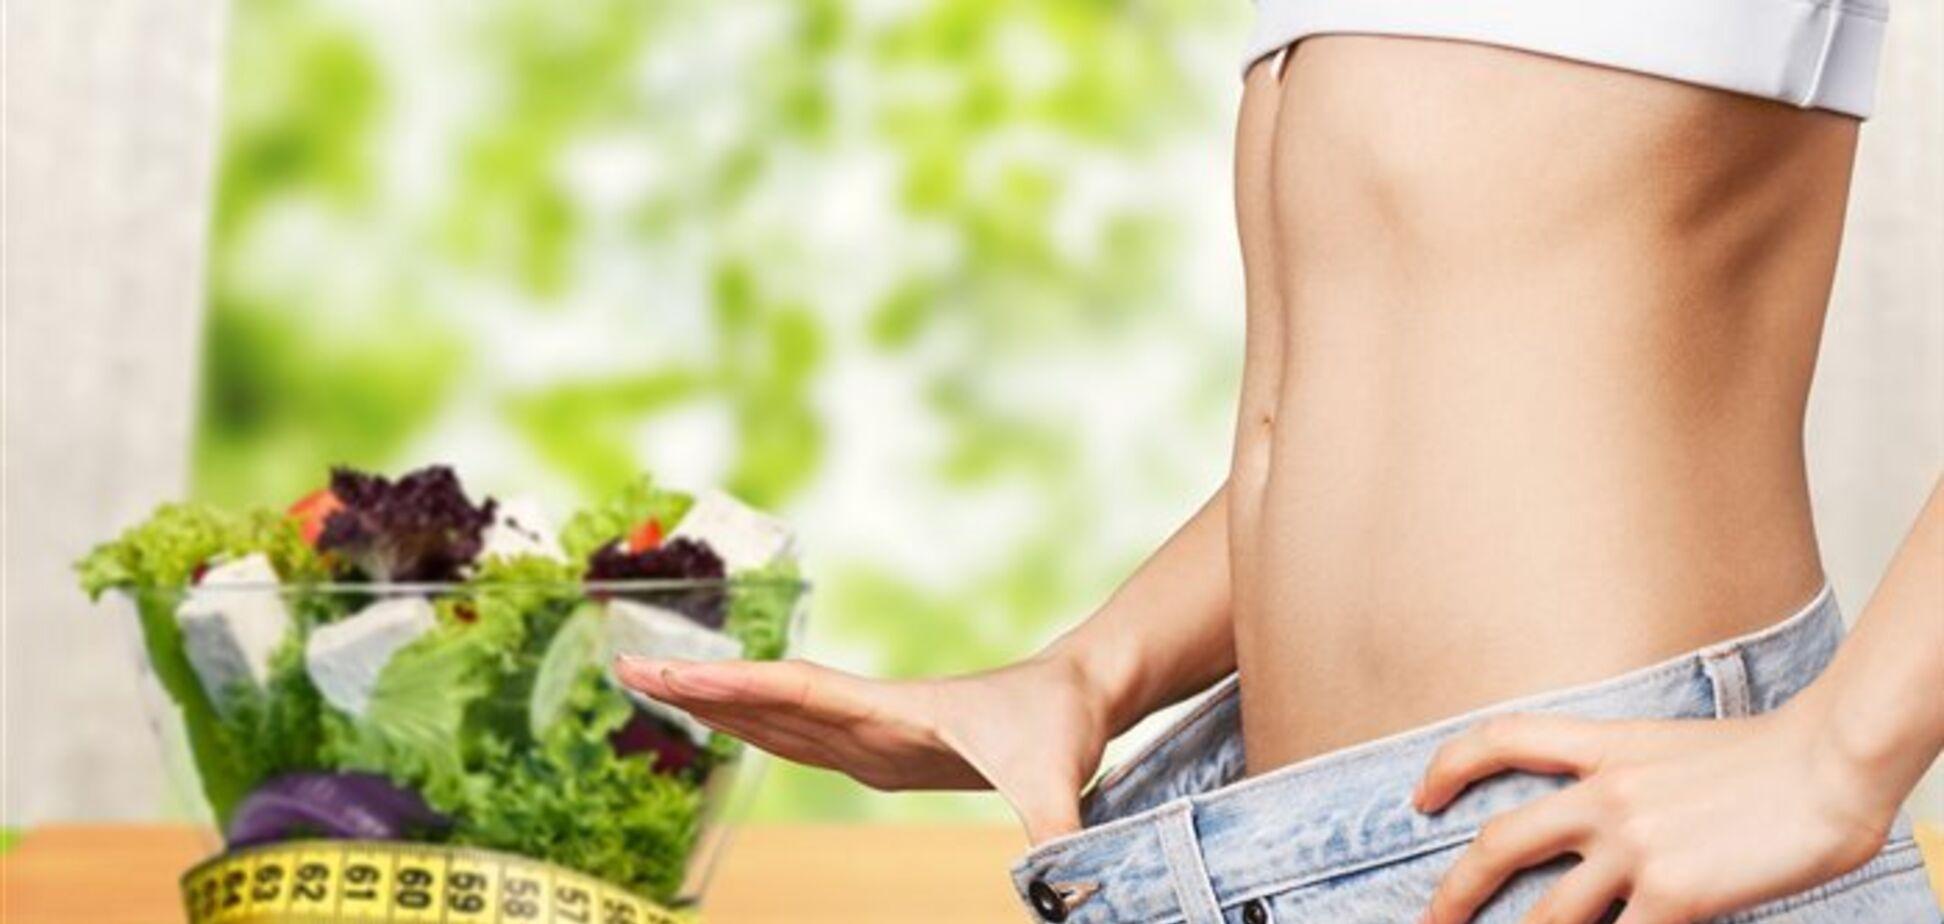 Что мешает похудеть: диетолог назвала вредные привычки